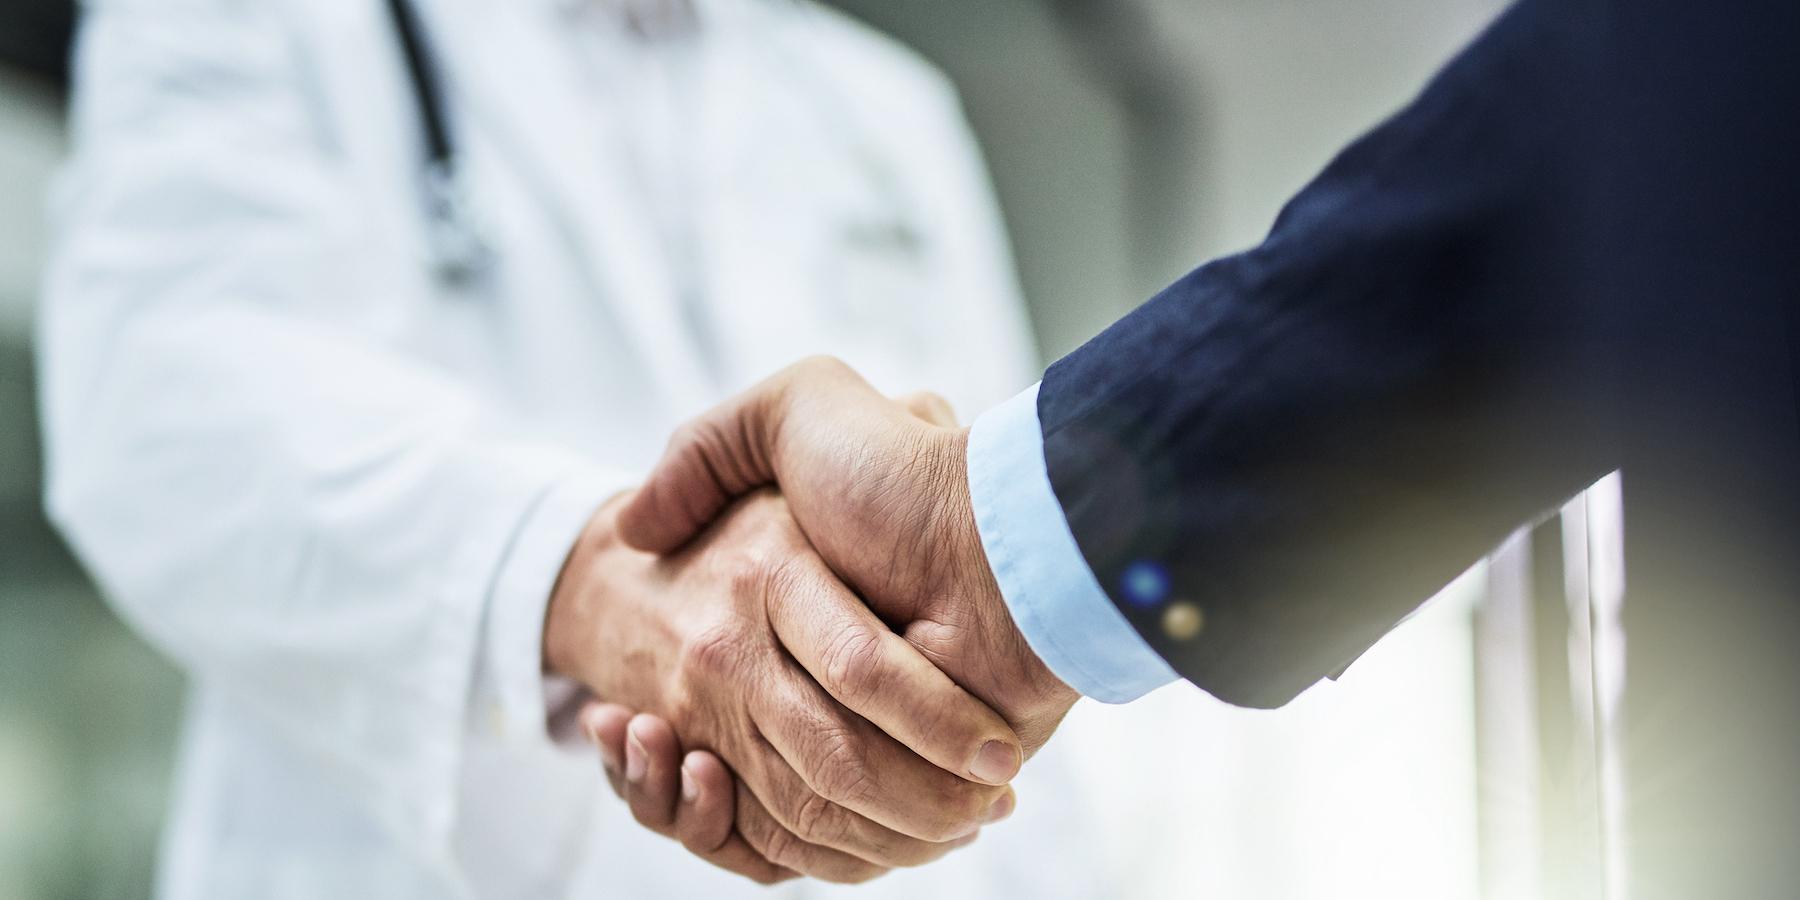 An alliance for drug development